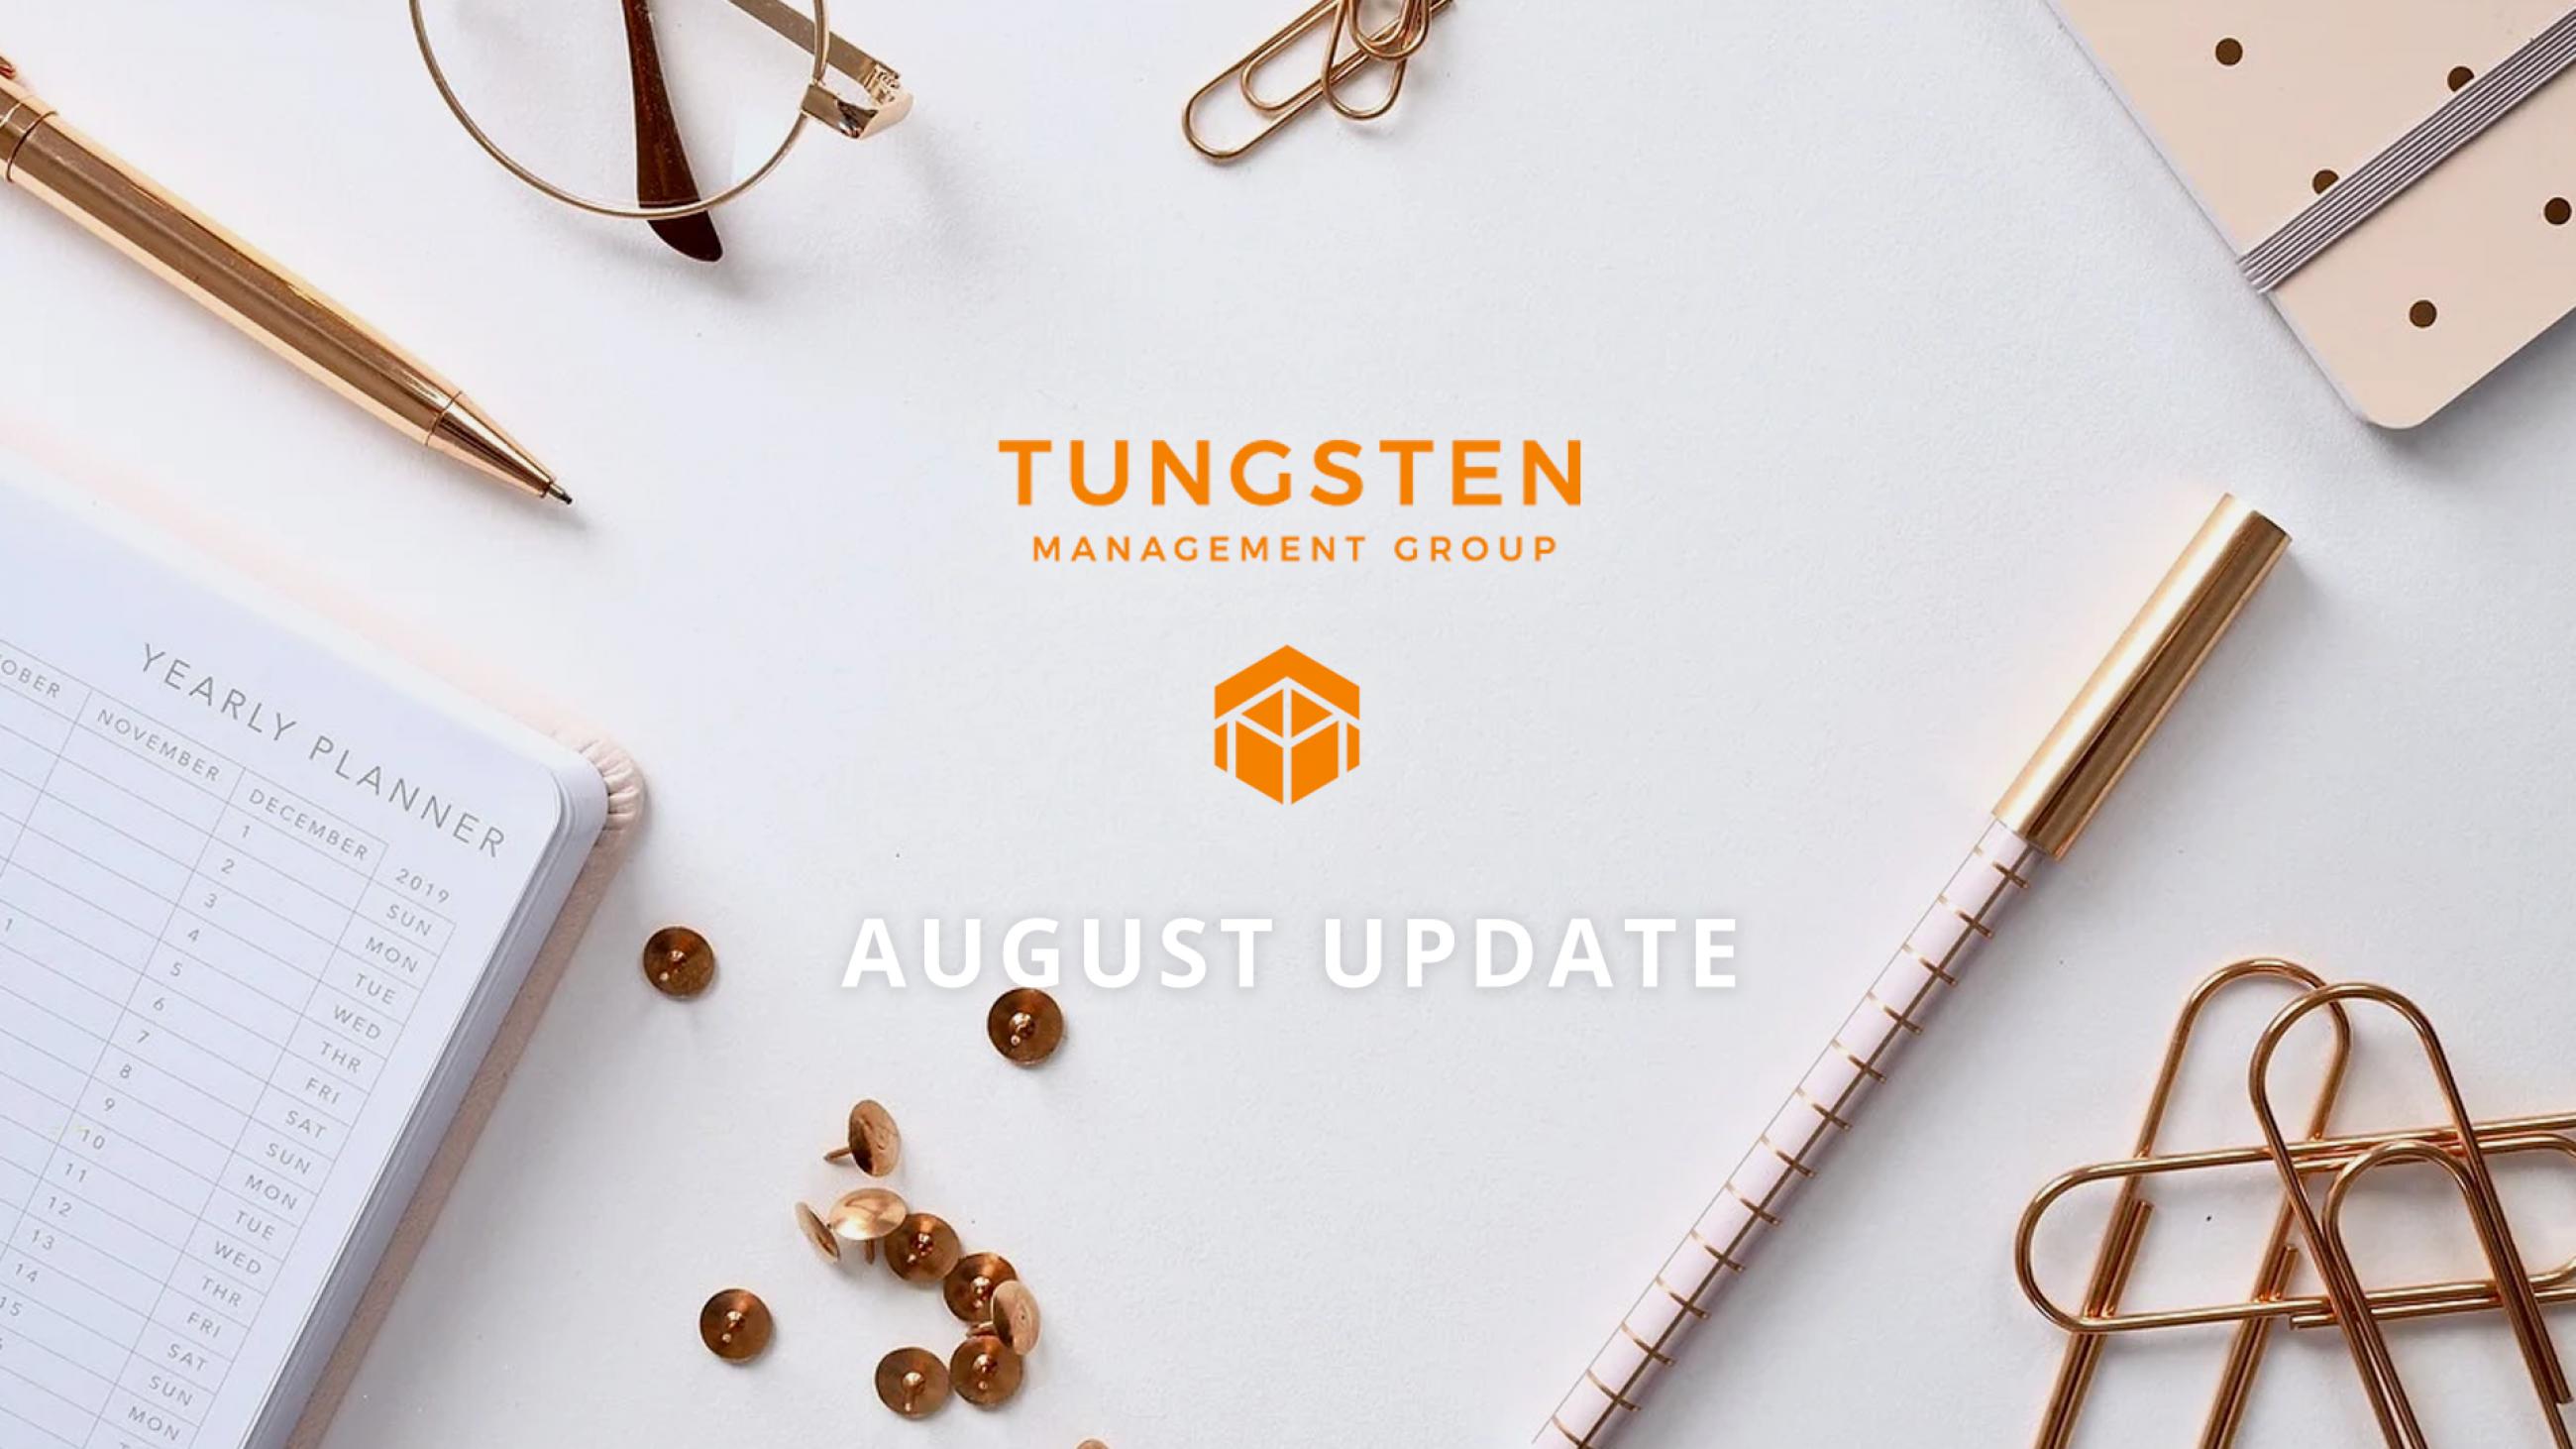 Tungsten Management Group Update Part Twenty Three